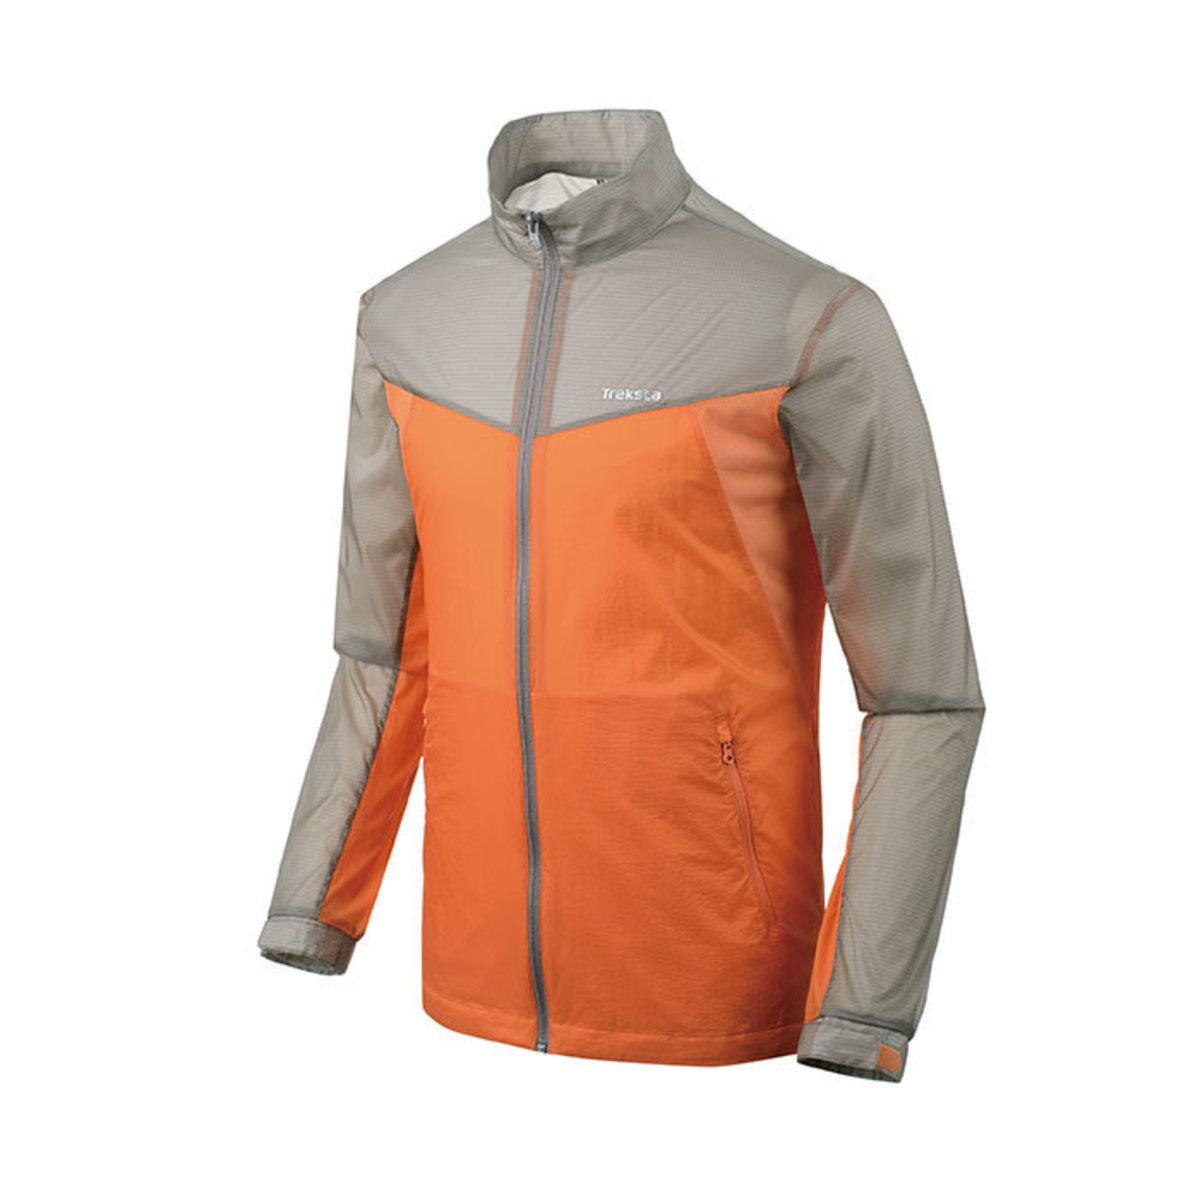 韓國防風外套 Wind Jacket M Orange 95